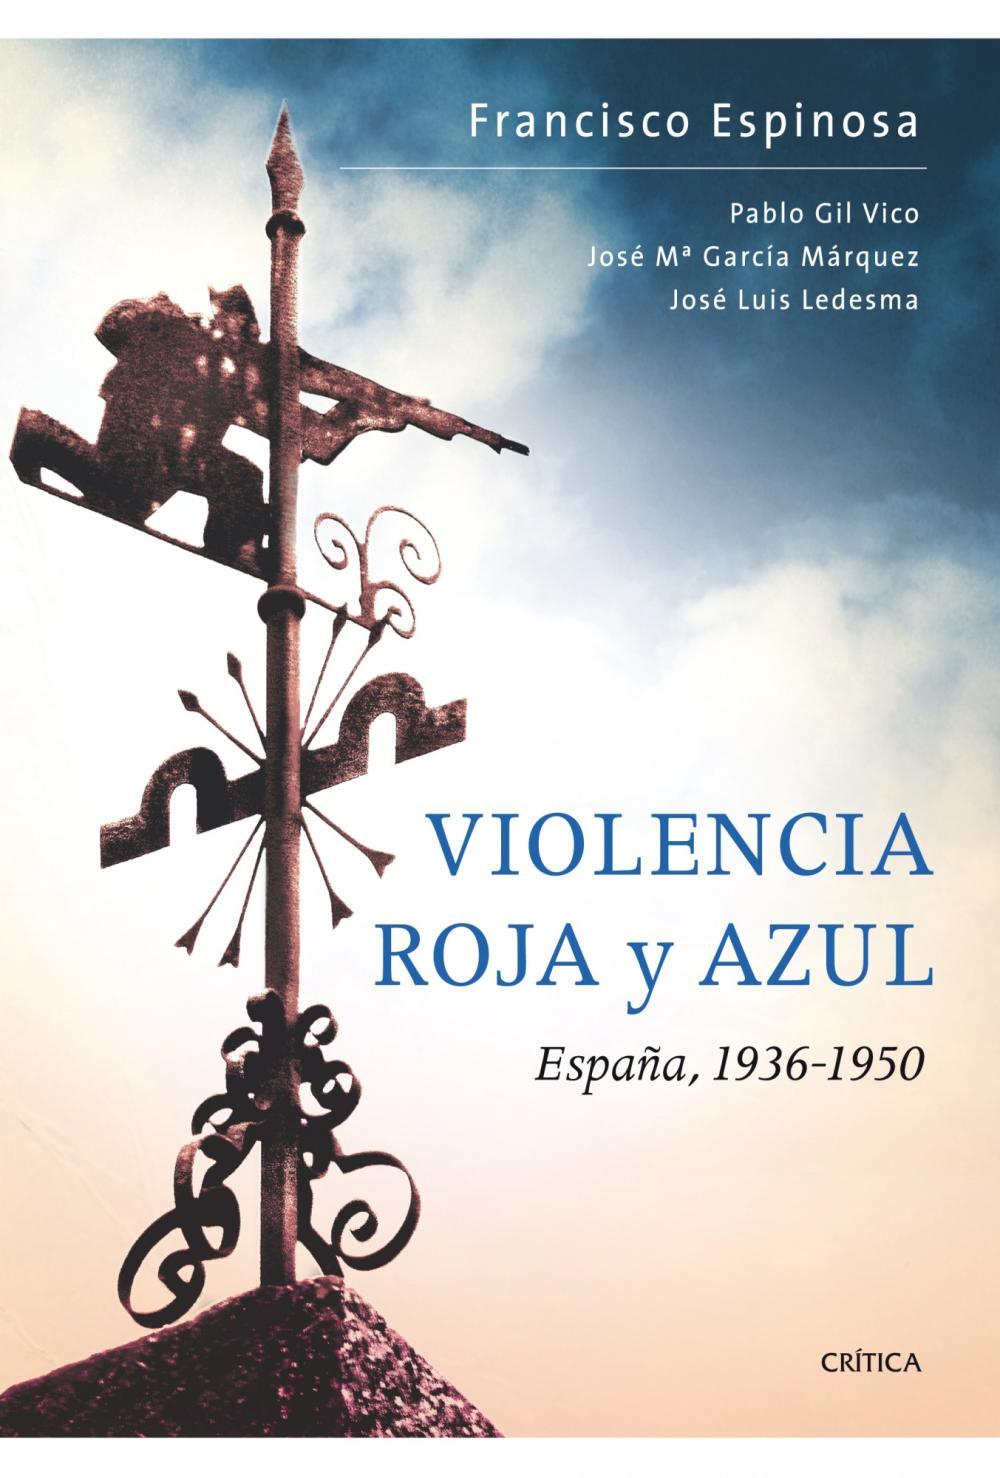 Violencia roja y azul  España, 1936-1950